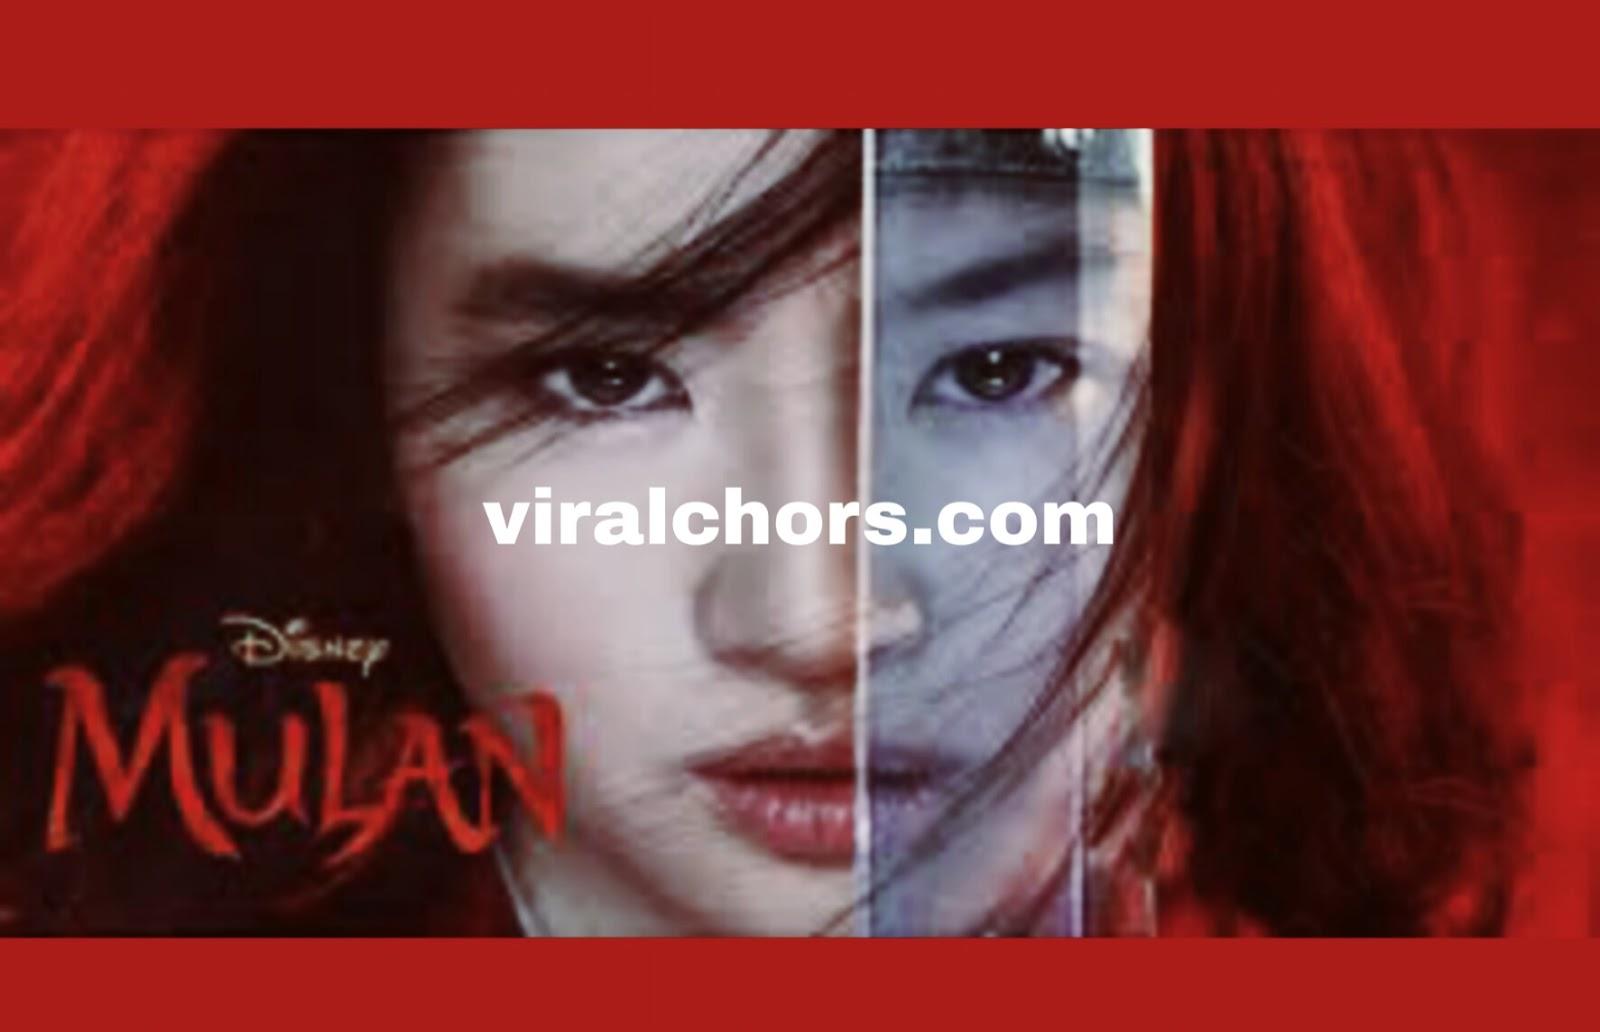 mulan 2 full movie free download mp4